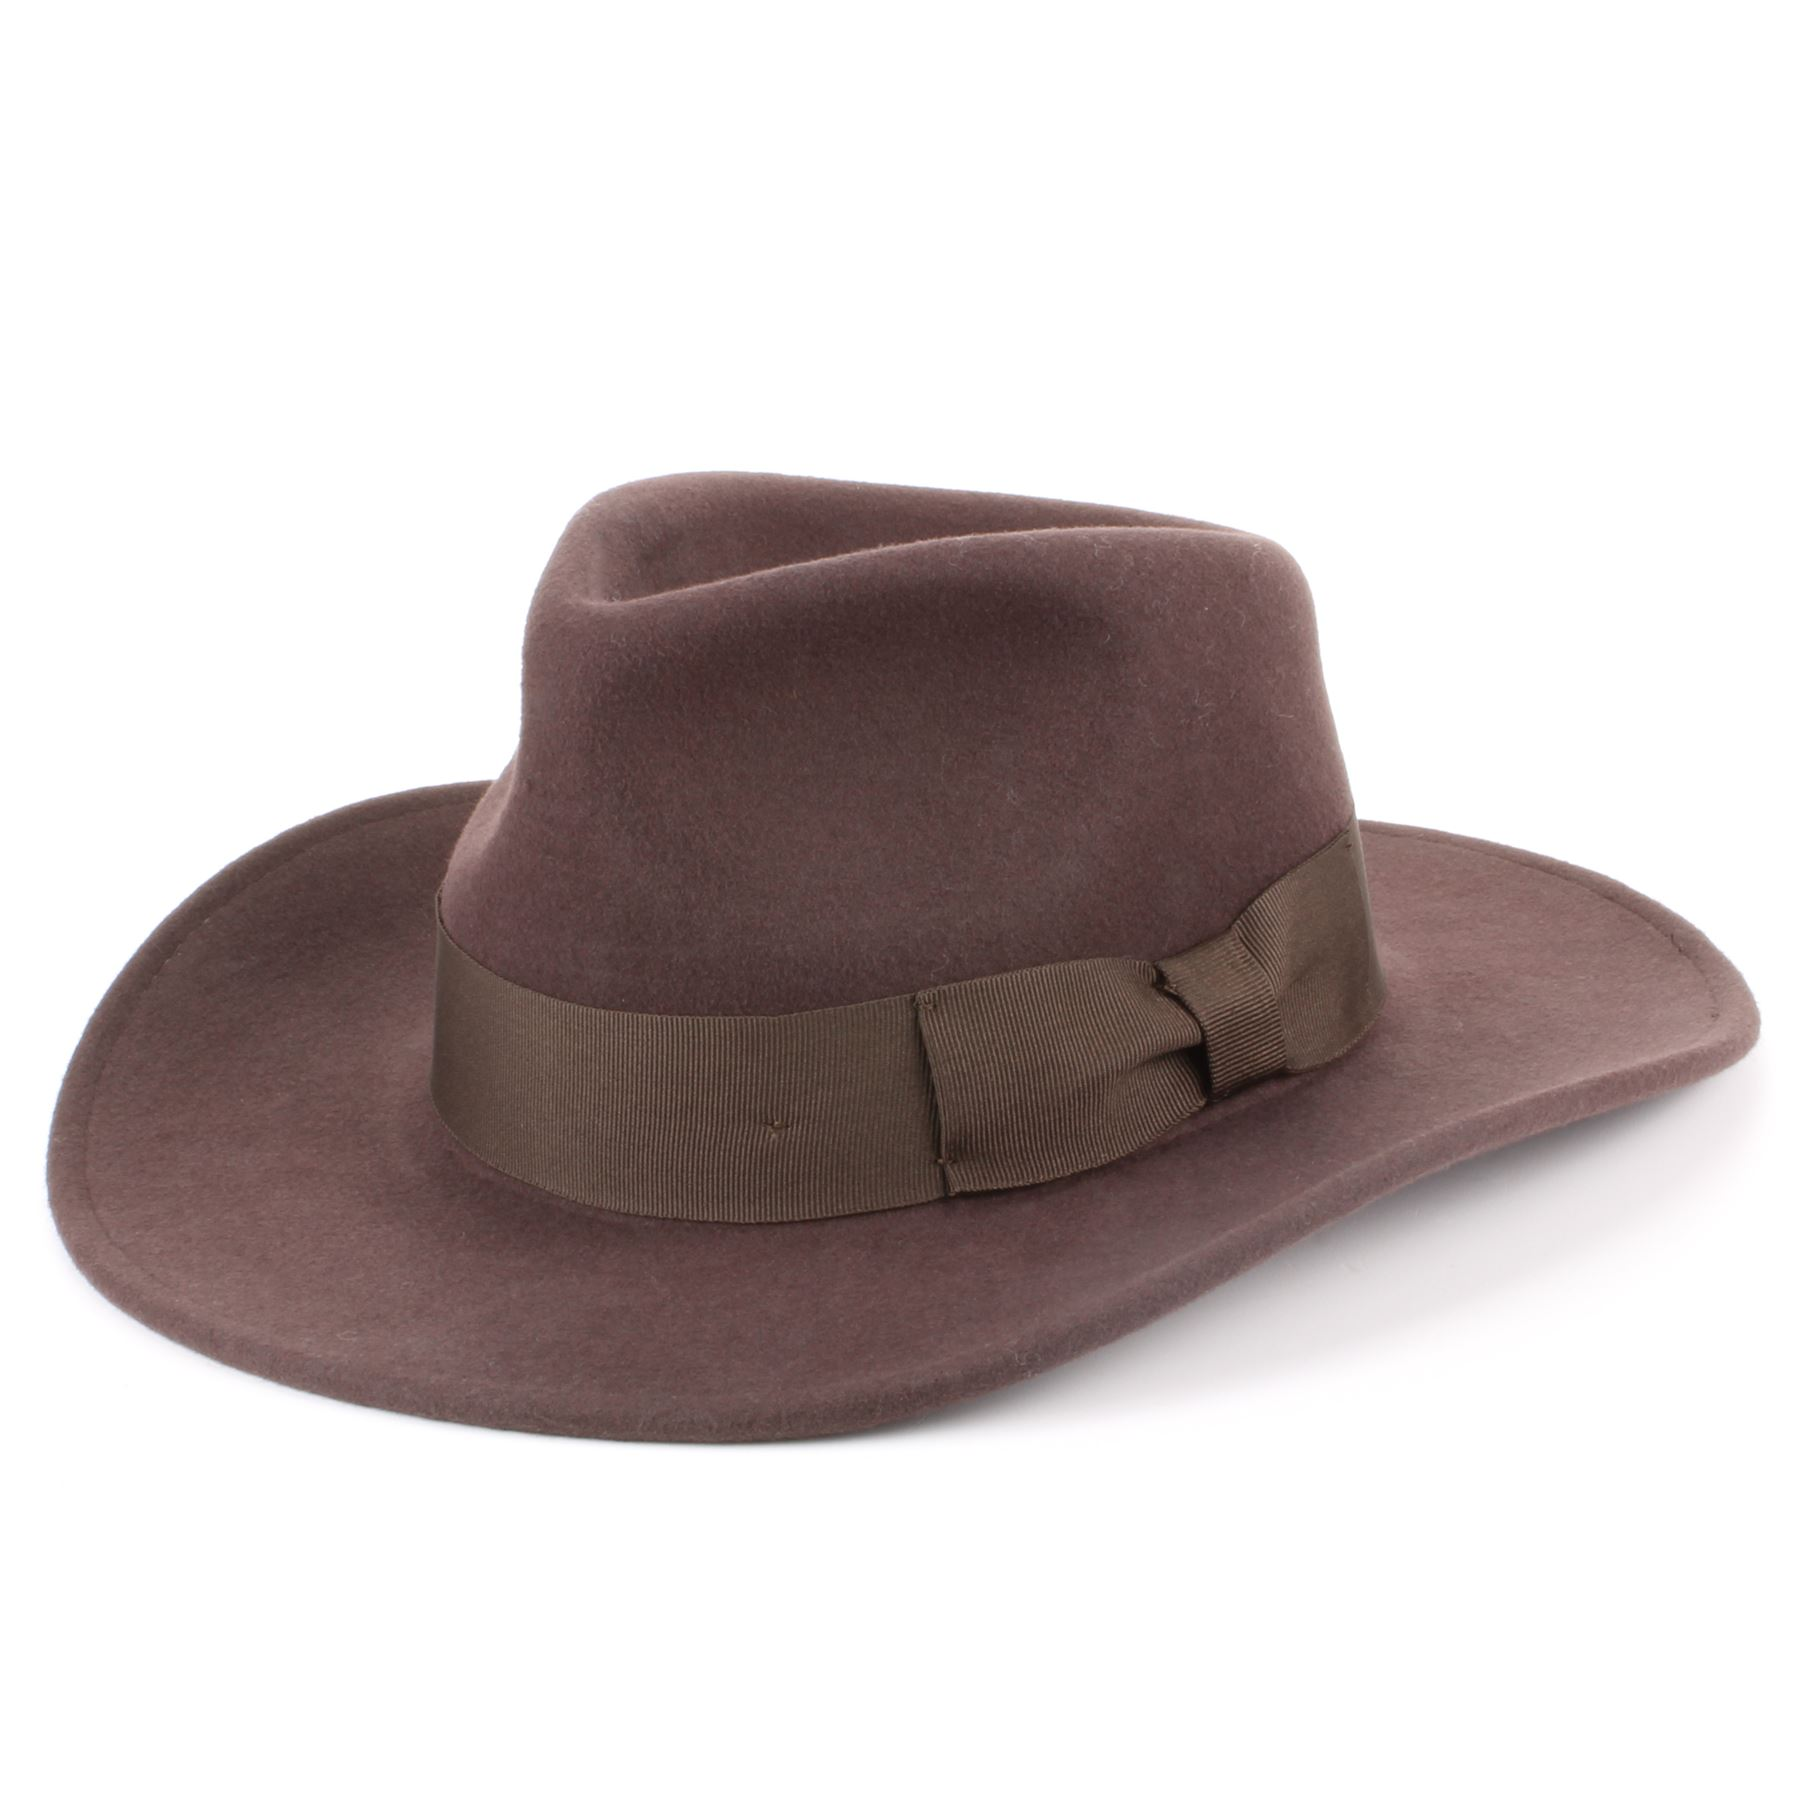 Wide Brim Hawkins Vintage Retro Style Trilby Hat 100/% Wool Felt Ribbon Head Band